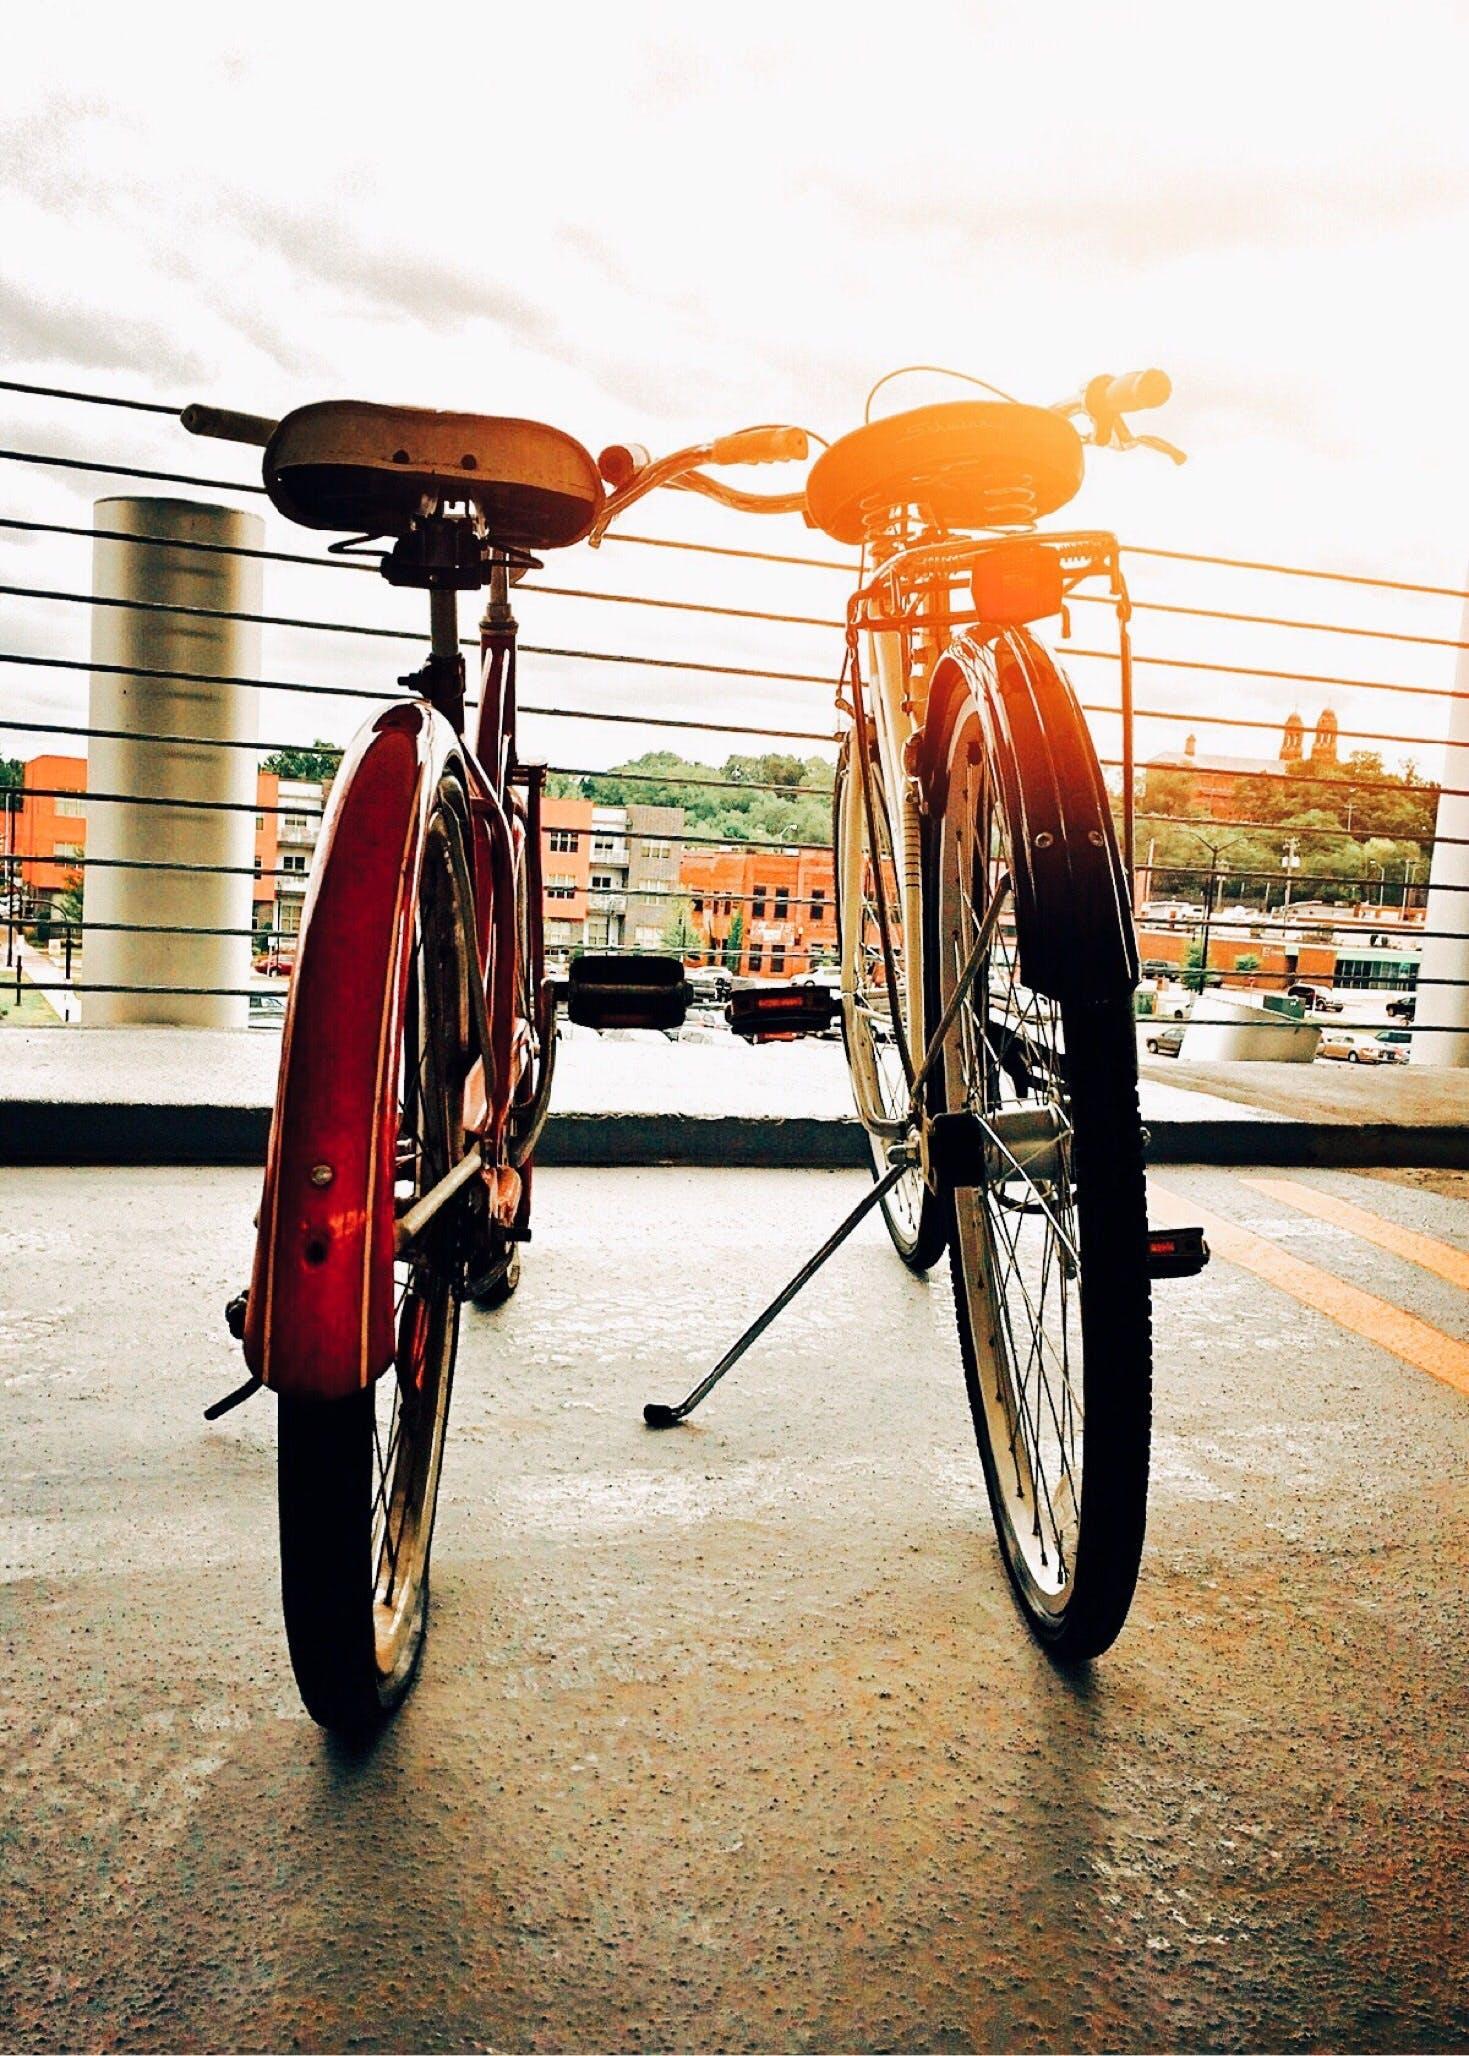 Fotos de stock gratuitas de acción, asiento, bicicleta, calle